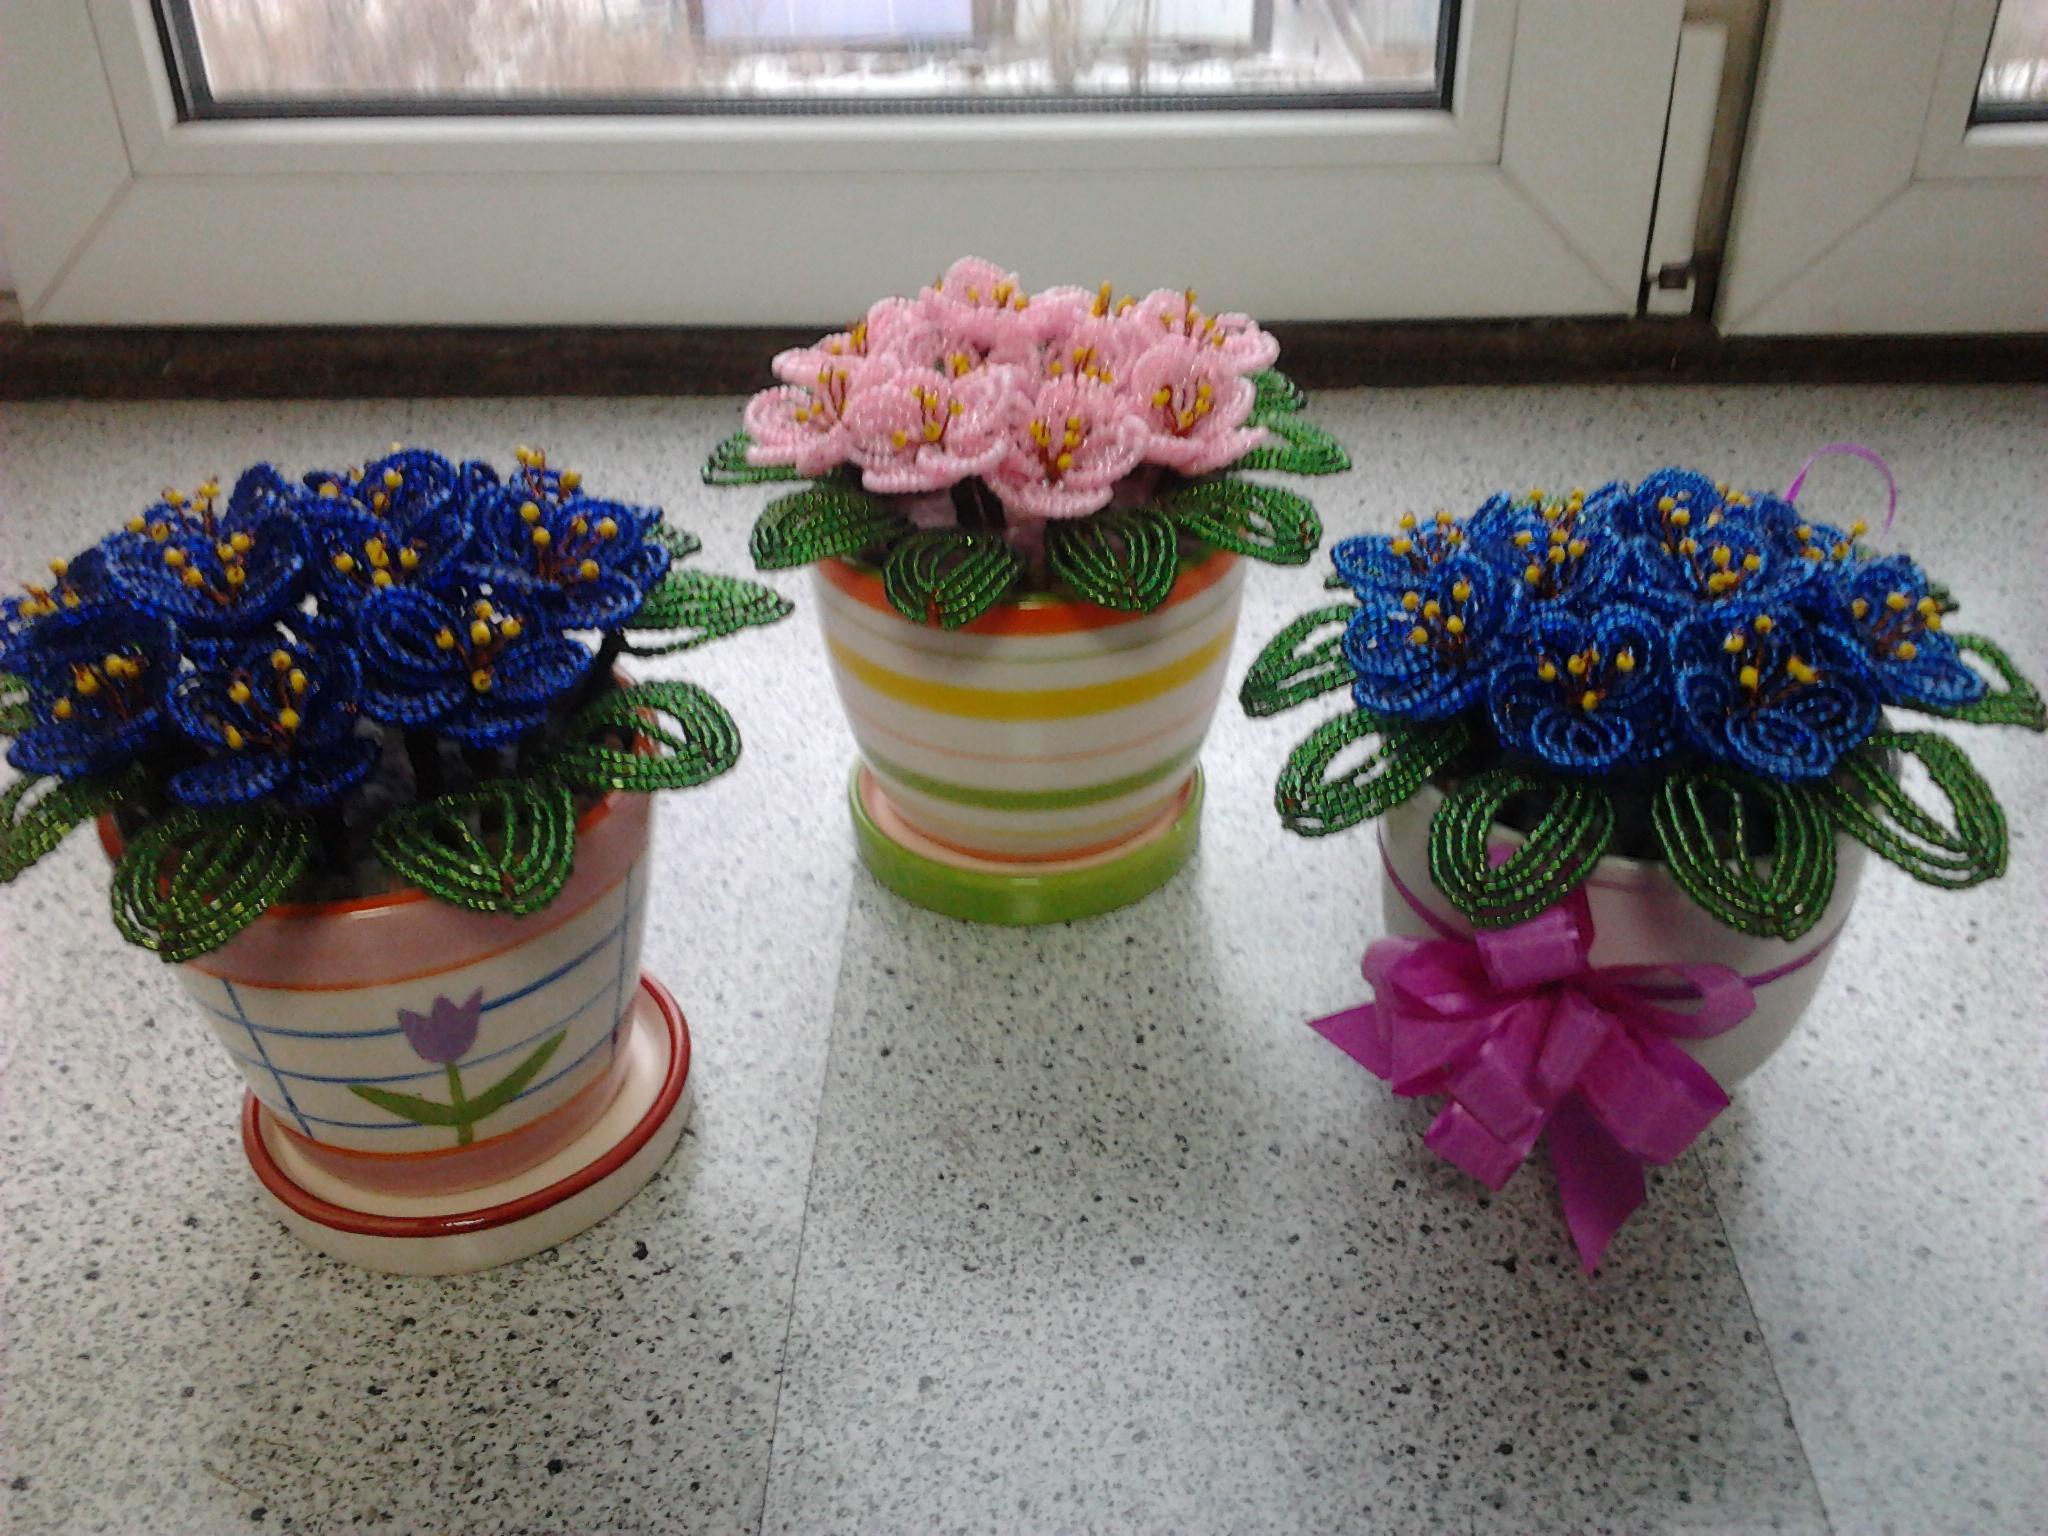 Как подобрать горшки для фиалок, чтобы посадить цветы правильно? 68